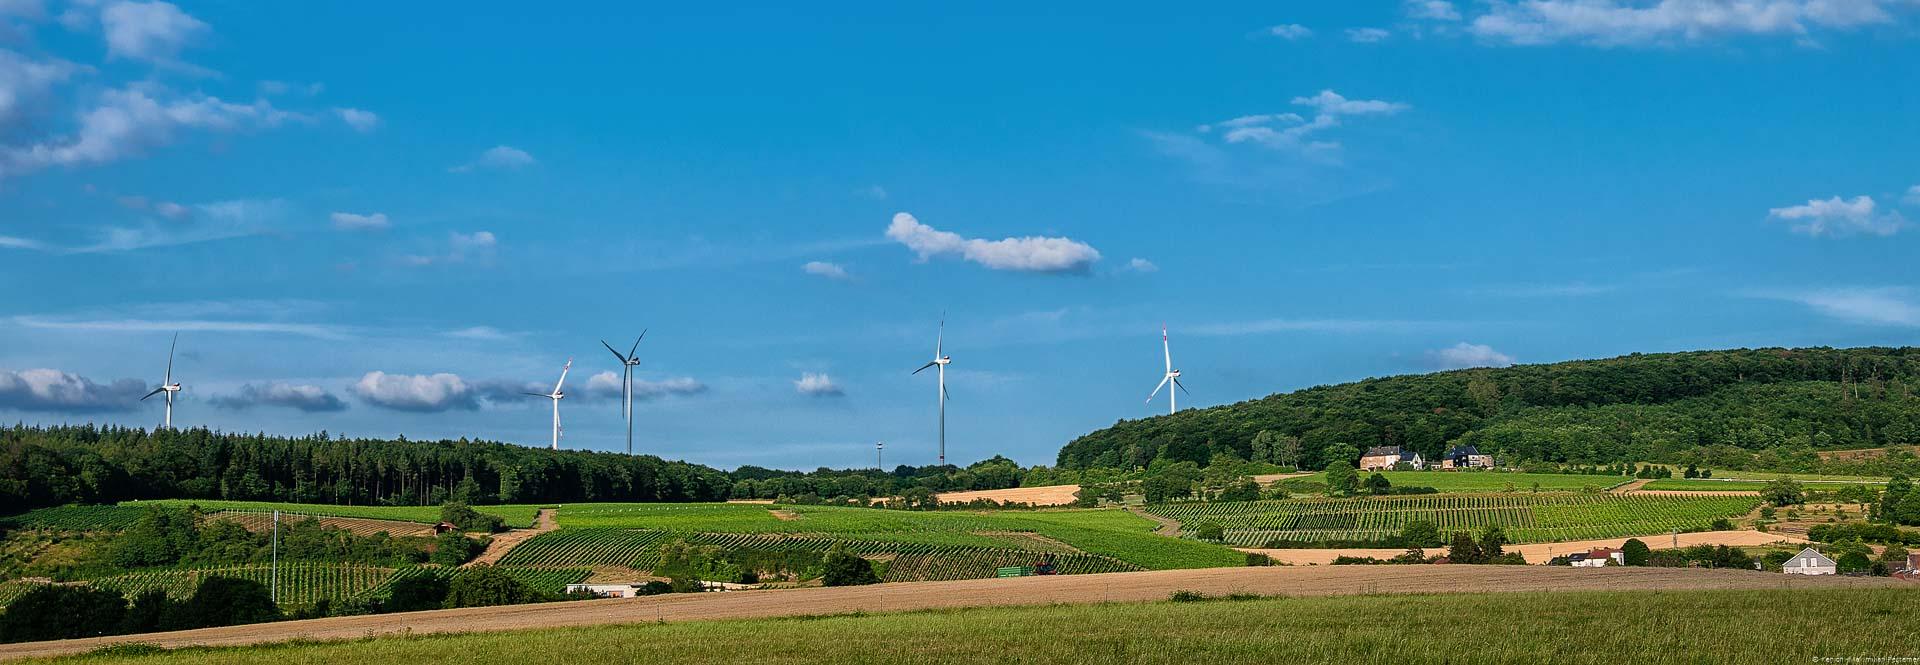 Felder sind im Vordergrund. Der Weinberg Sehndorfer Marienberg befindet sich in der Mitte. Rund herum sind Wälder, Windräder sowie blauer Himmel mit wenigen Wolken.